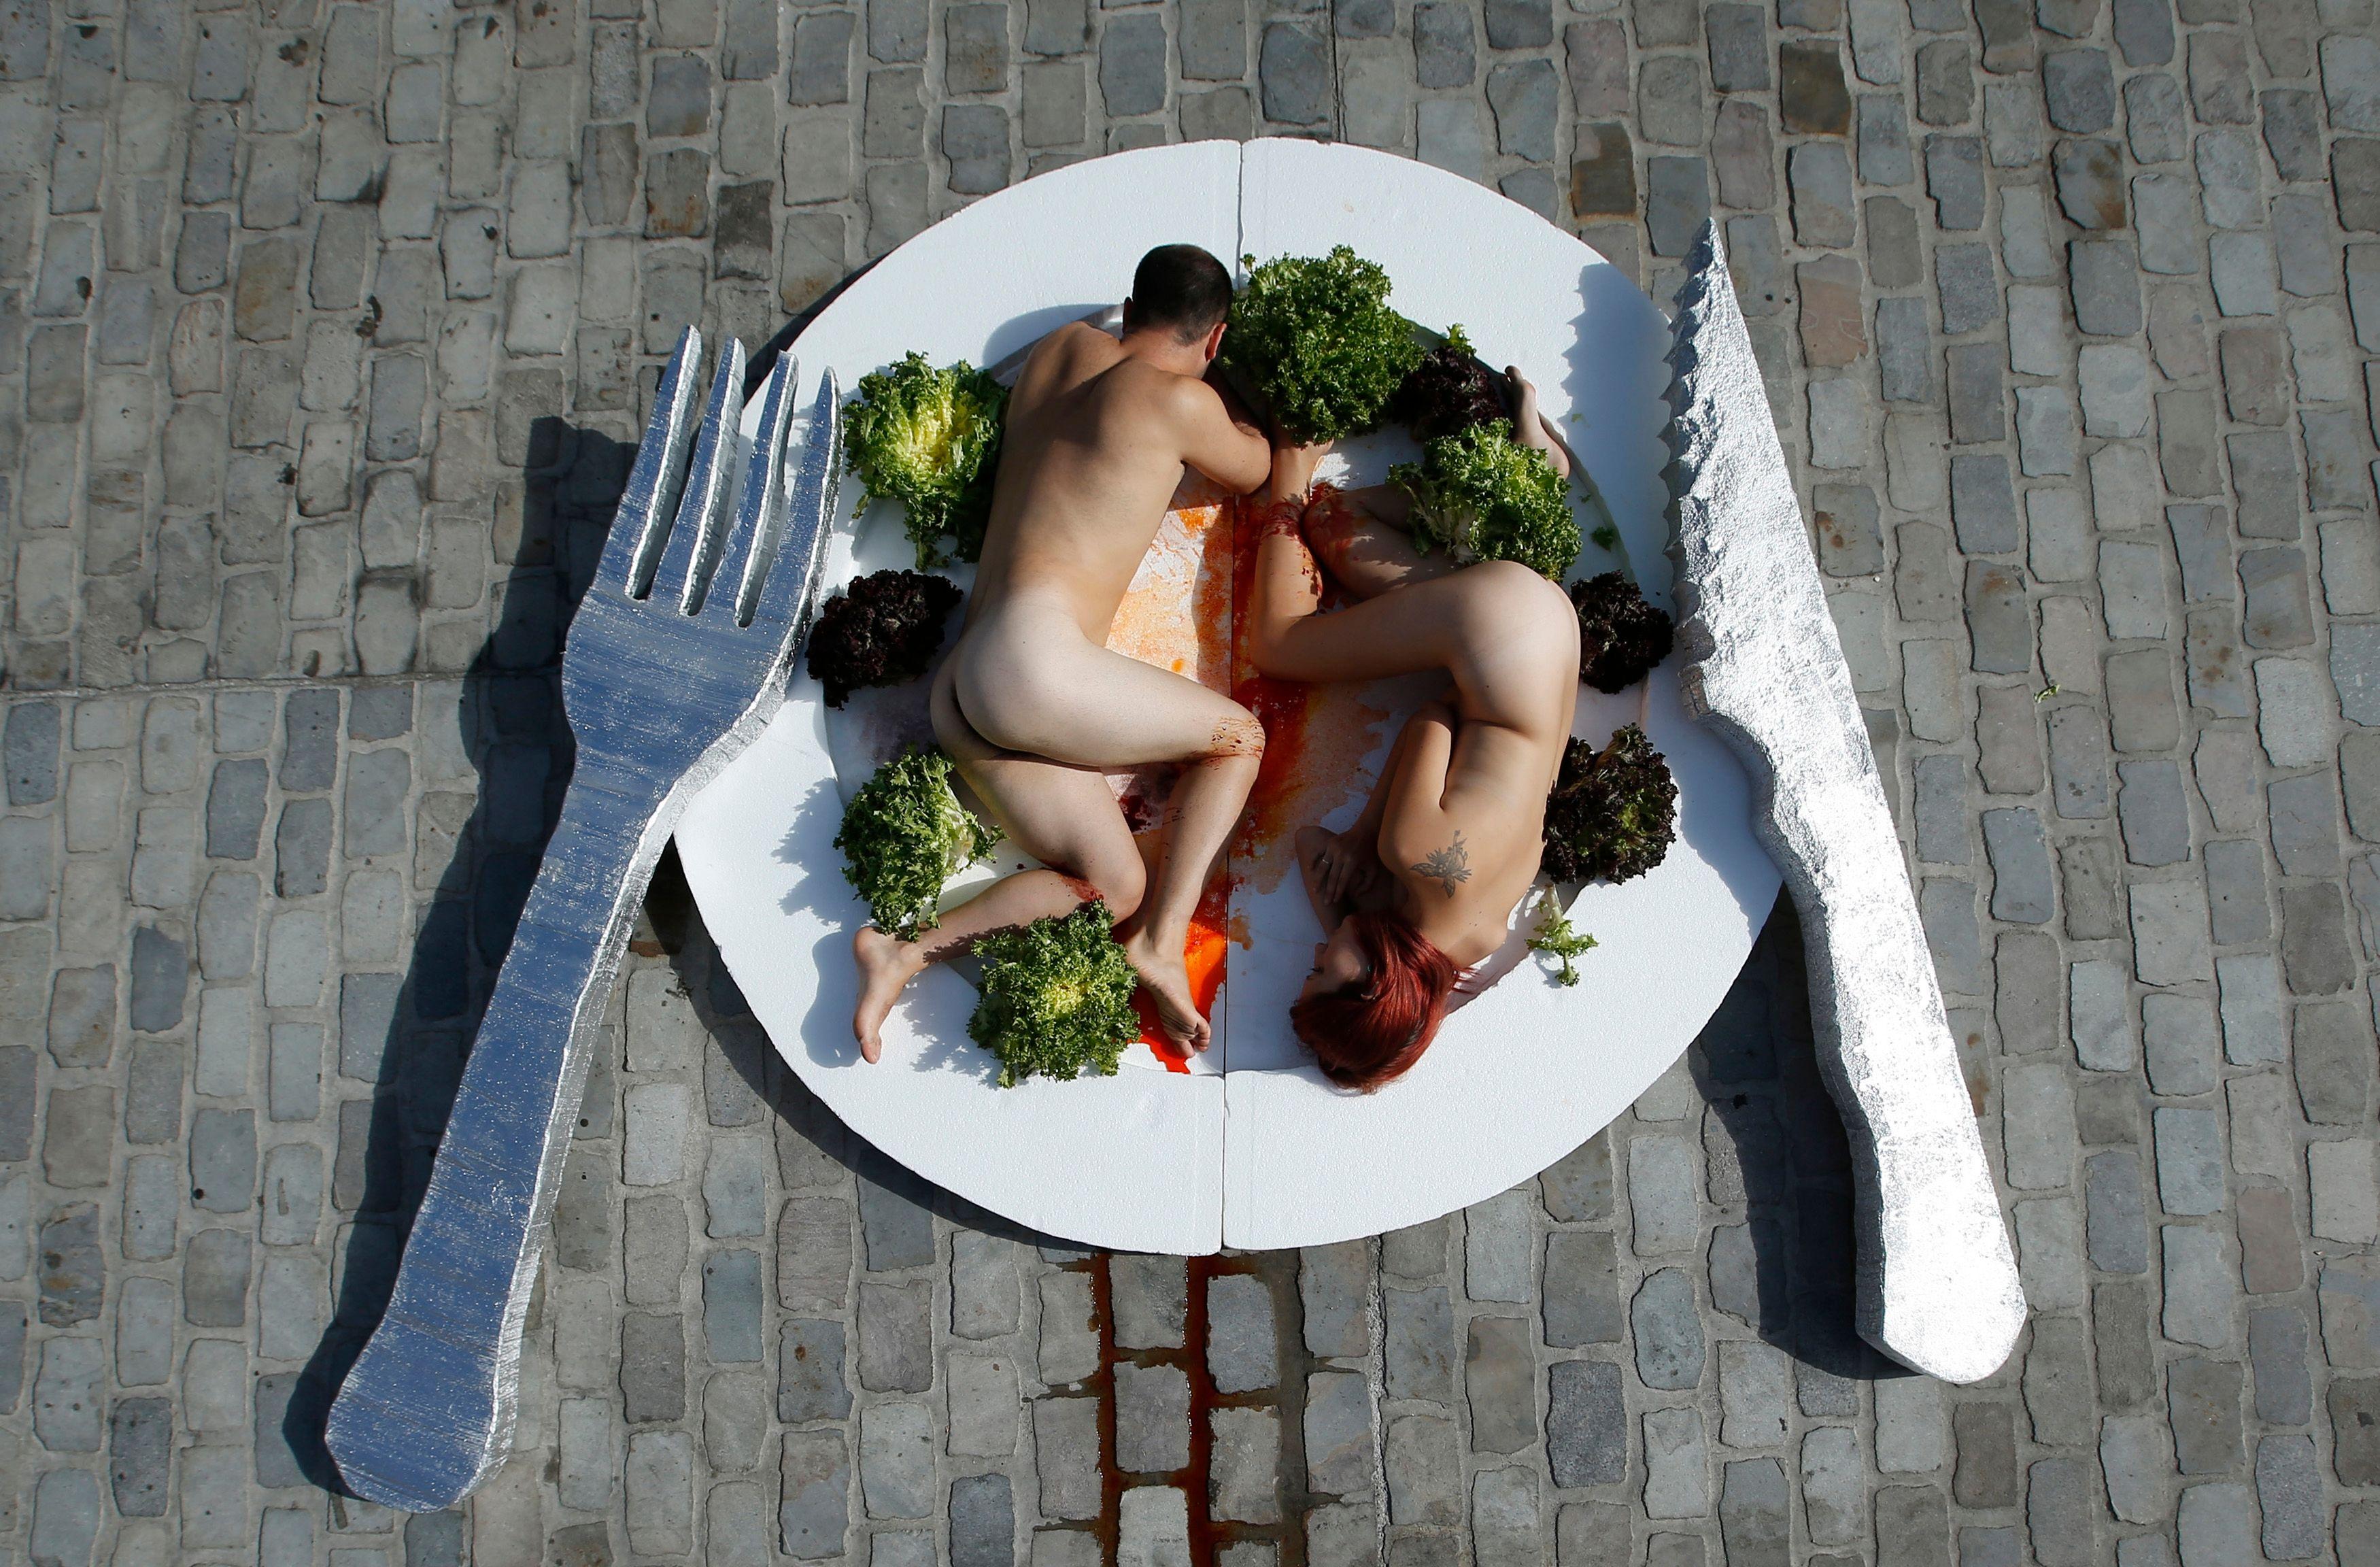 Un restaurant New-yorkais propose de manger nu.